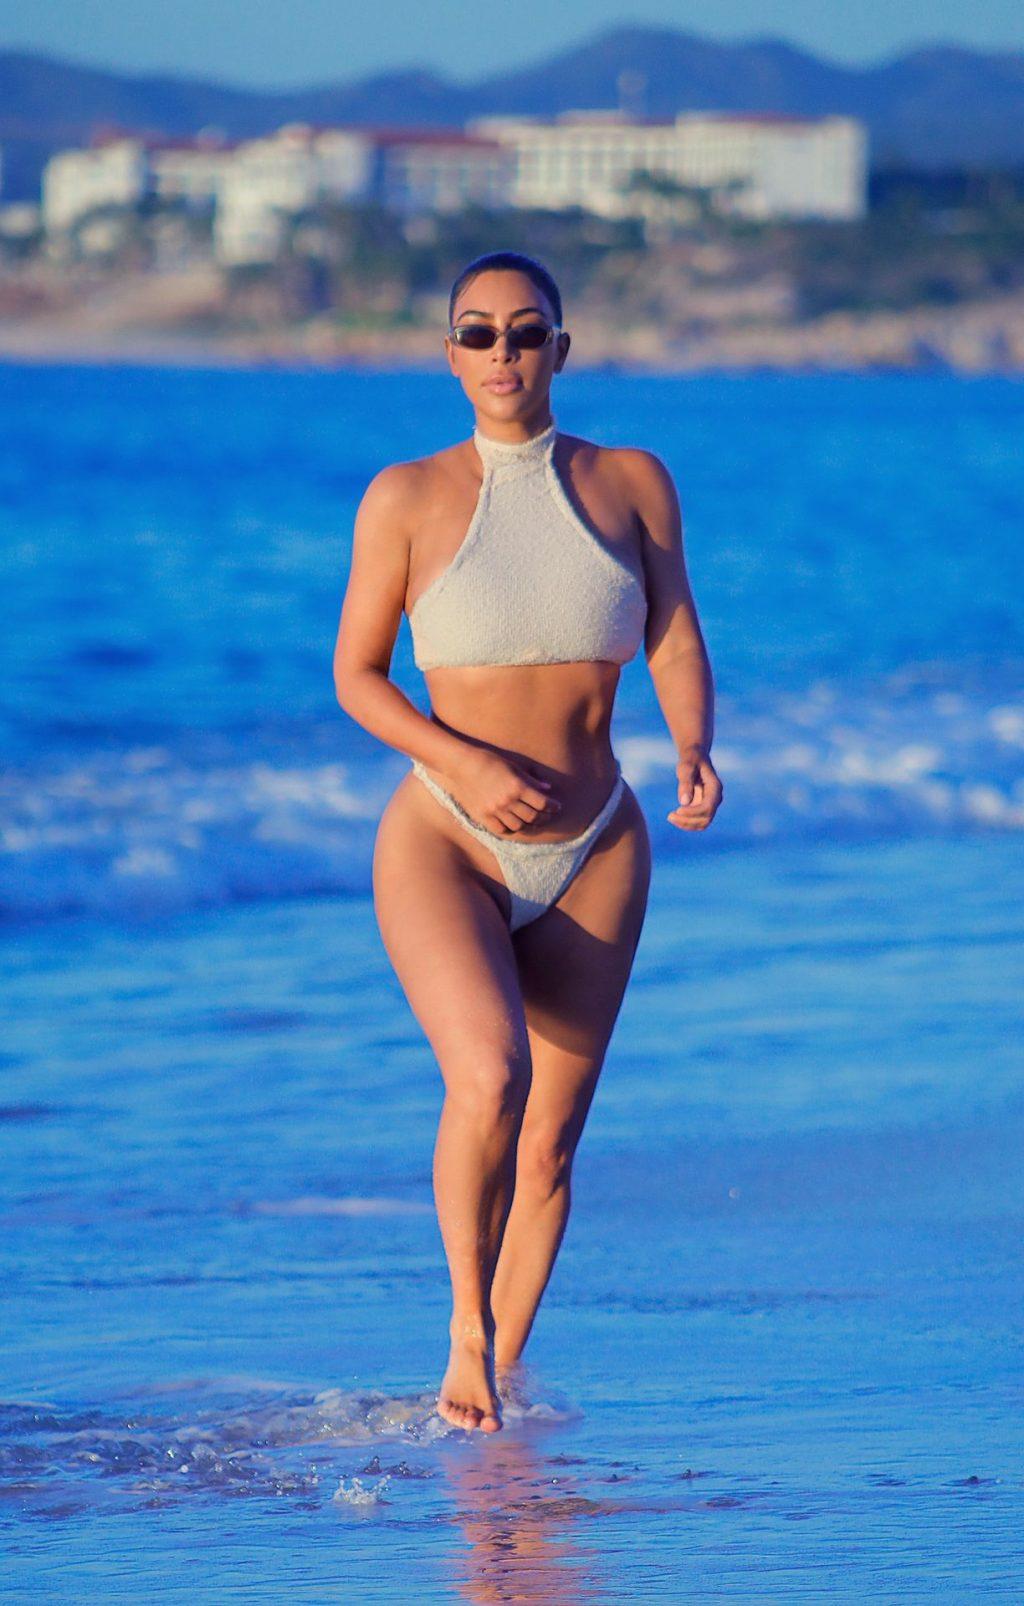 Kim Kardashian Looks Sexy in Mexico (36 Photos)